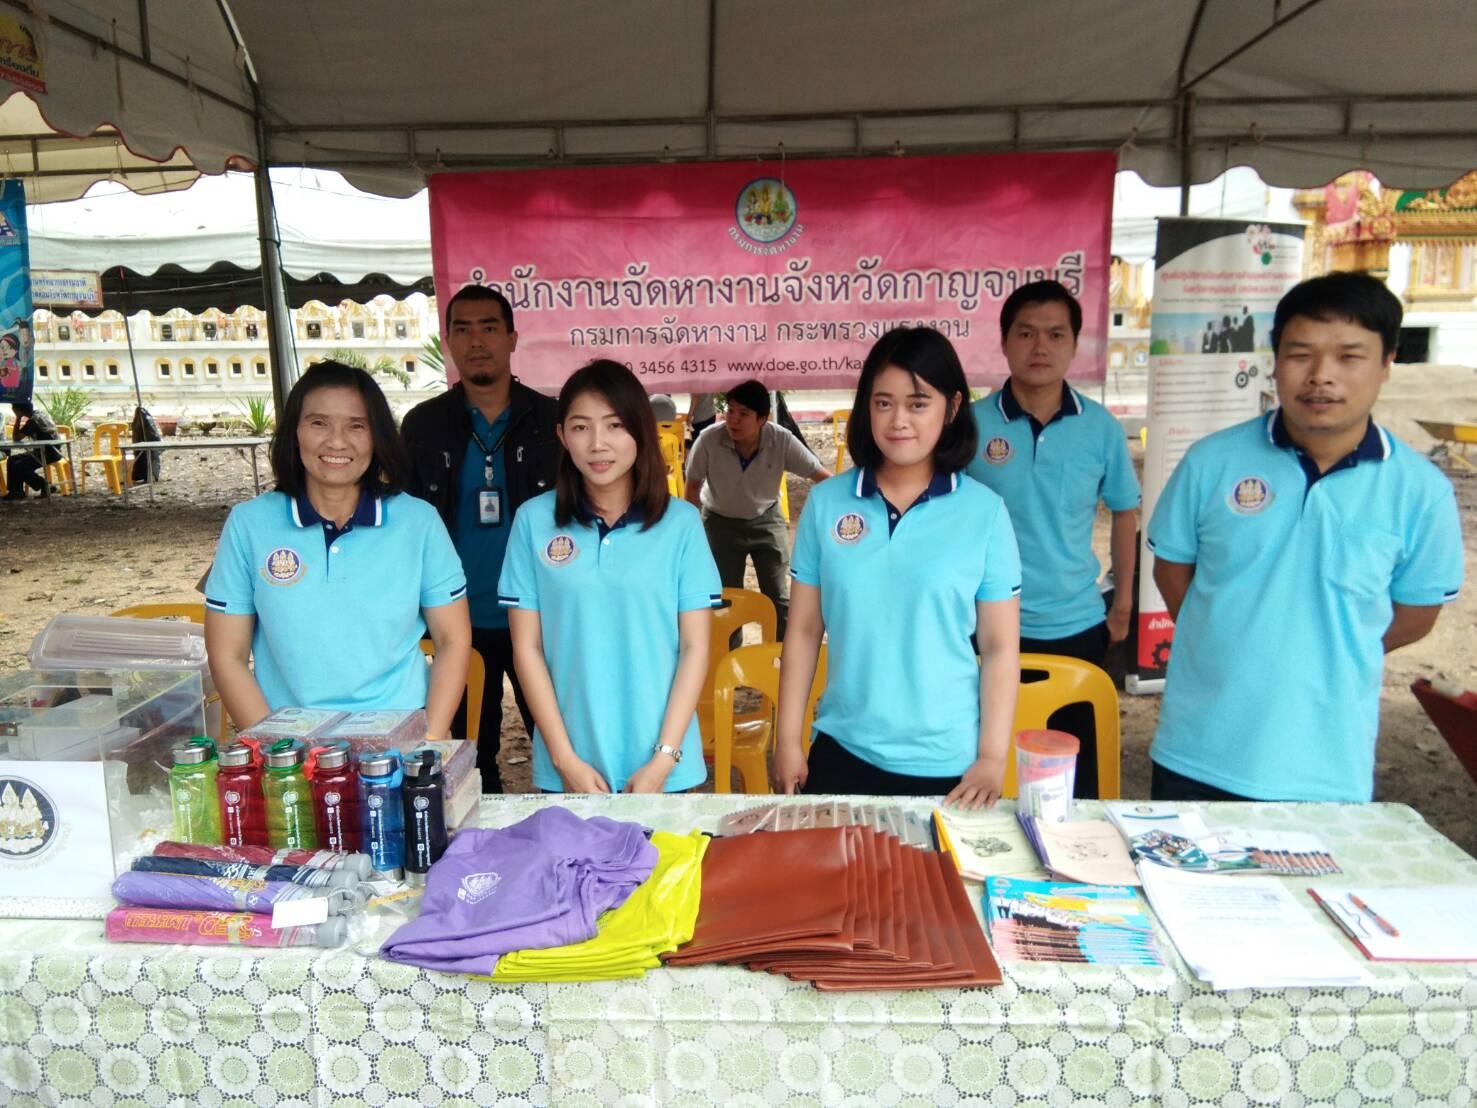 โครงการจังหวัดเคลื่อนที่ และโครงการคลินิกมหาดไทย ครั้งที่ 11 ประจำปีงบประมาณ  2561